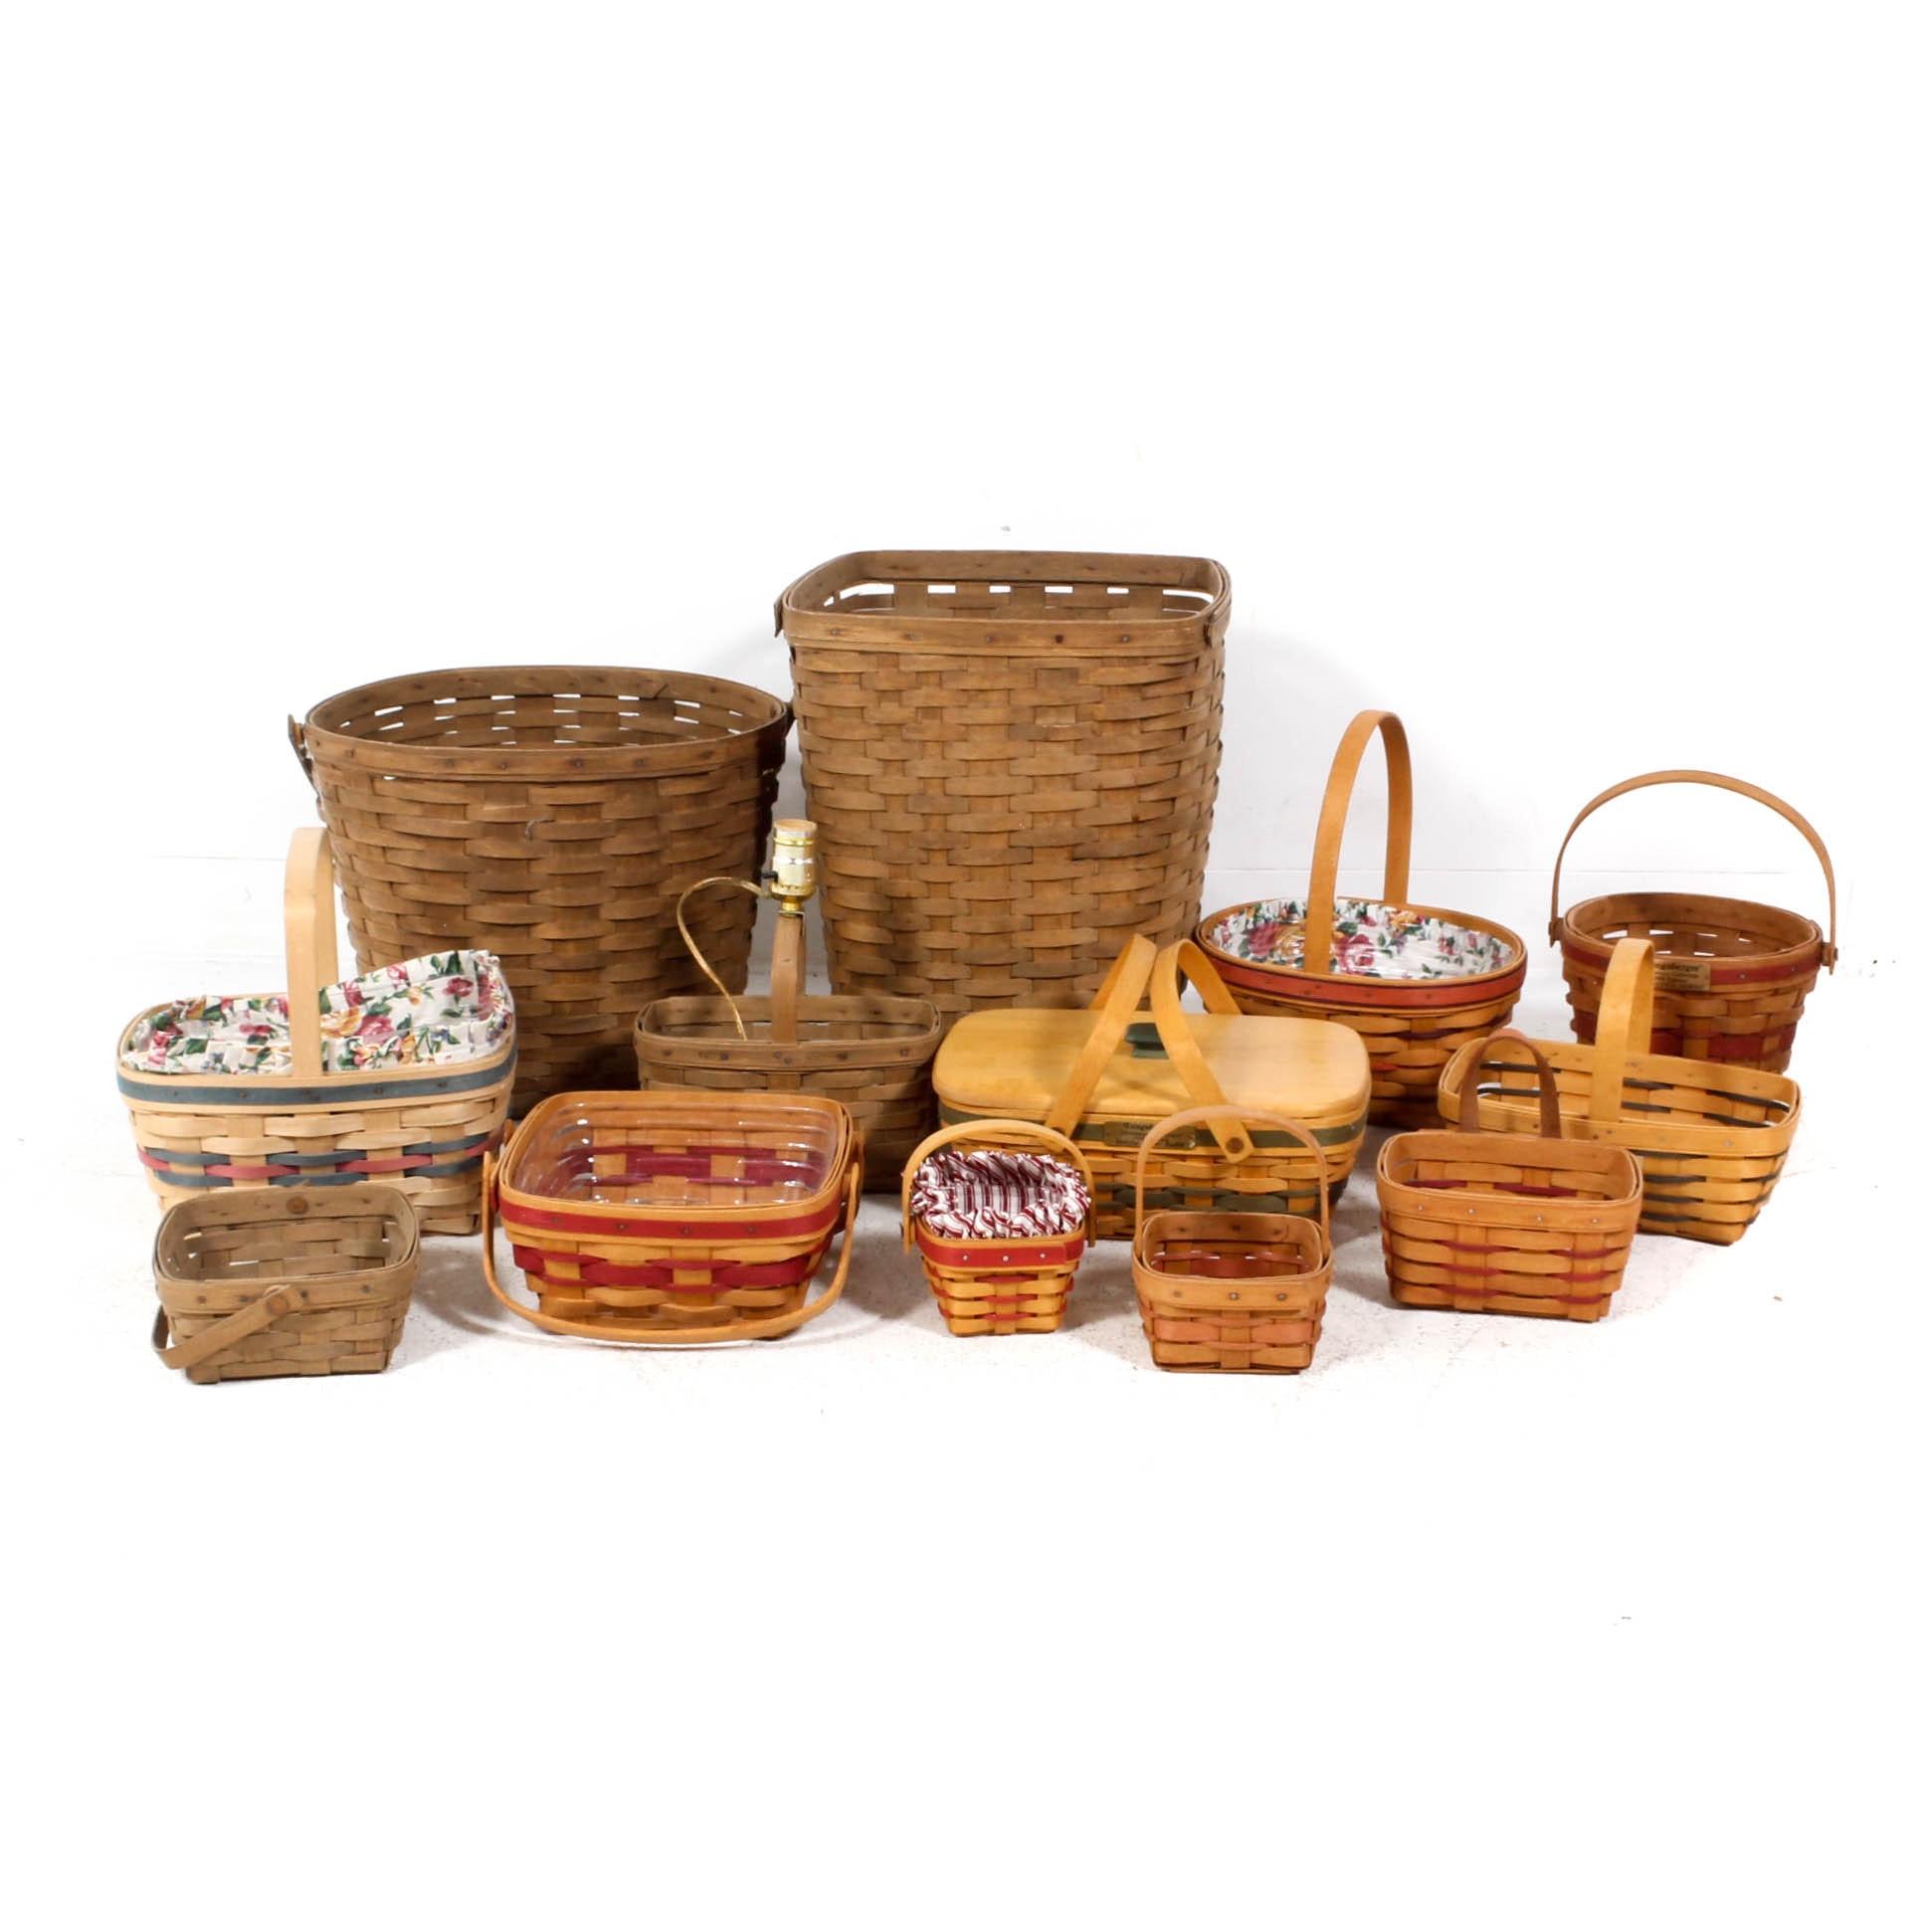 Longaberger Baskets Featuring Basket Lamp